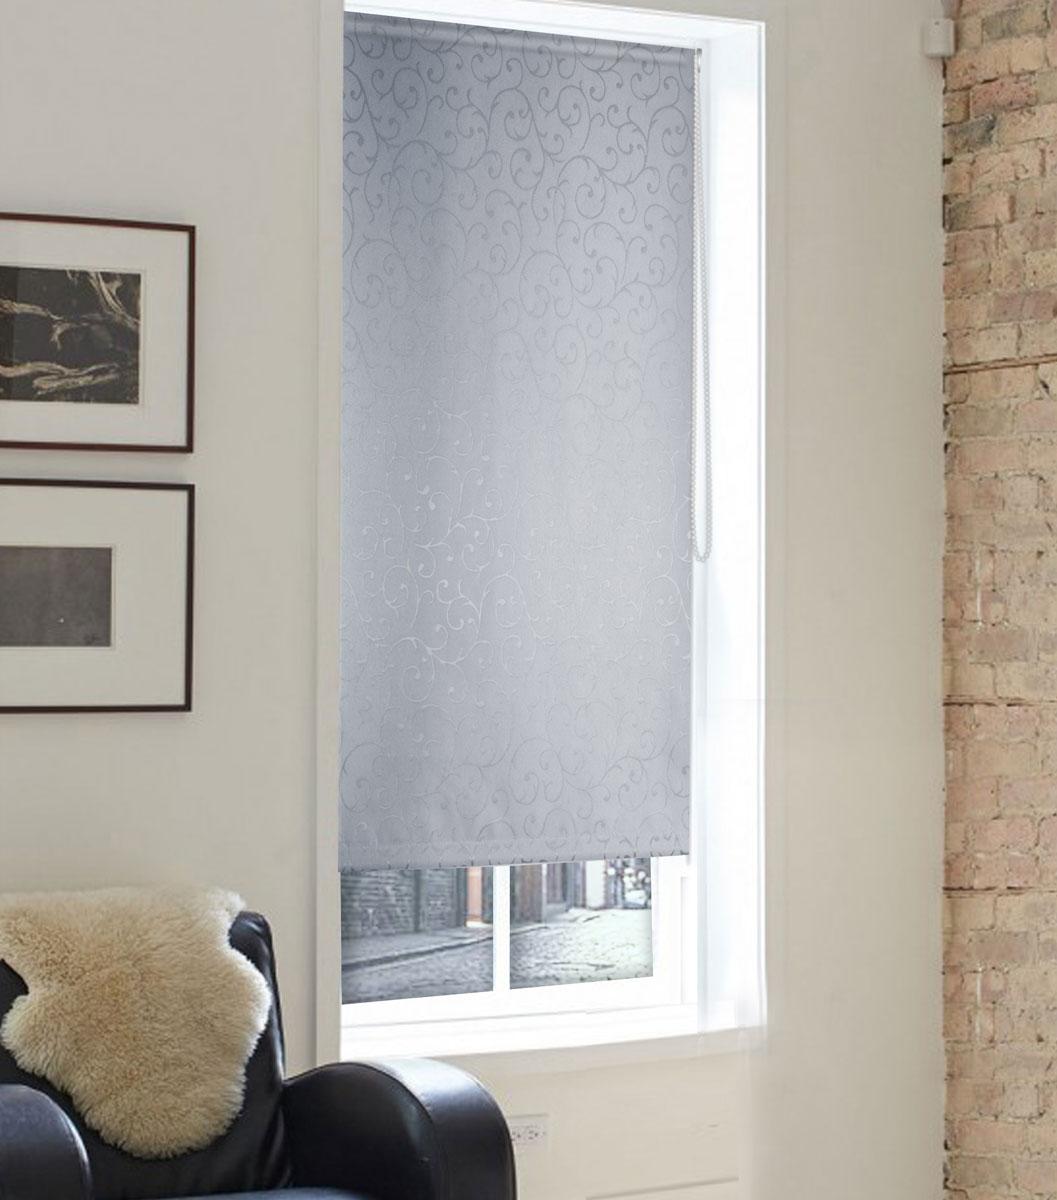 Штора рулонная Эскар Миниролло. Агат, фактурная, цвет: серый, ширина 37 см, высота 160 см37022037160Рулонная штора Эскар Миниролло. Агат выполнена из высокопрочной ткани, которая сохраняет свой размер даже при намокании. Ткань не выцветает и обладает отличной цветоустойчивостью. Миниролло - это подвид рулонных штор, который закрывает не весь оконный проем, а непосредственно само стекло. Такие шторы крепятся на раму без сверления при помощи зажимов или клейкой двухсторонней ленты. Окно остается на гарантии, благодаря монтажу без сверления. Такая штора станет прекрасным элементом декора окна и гармонично впишется в интерьер любого помещения.